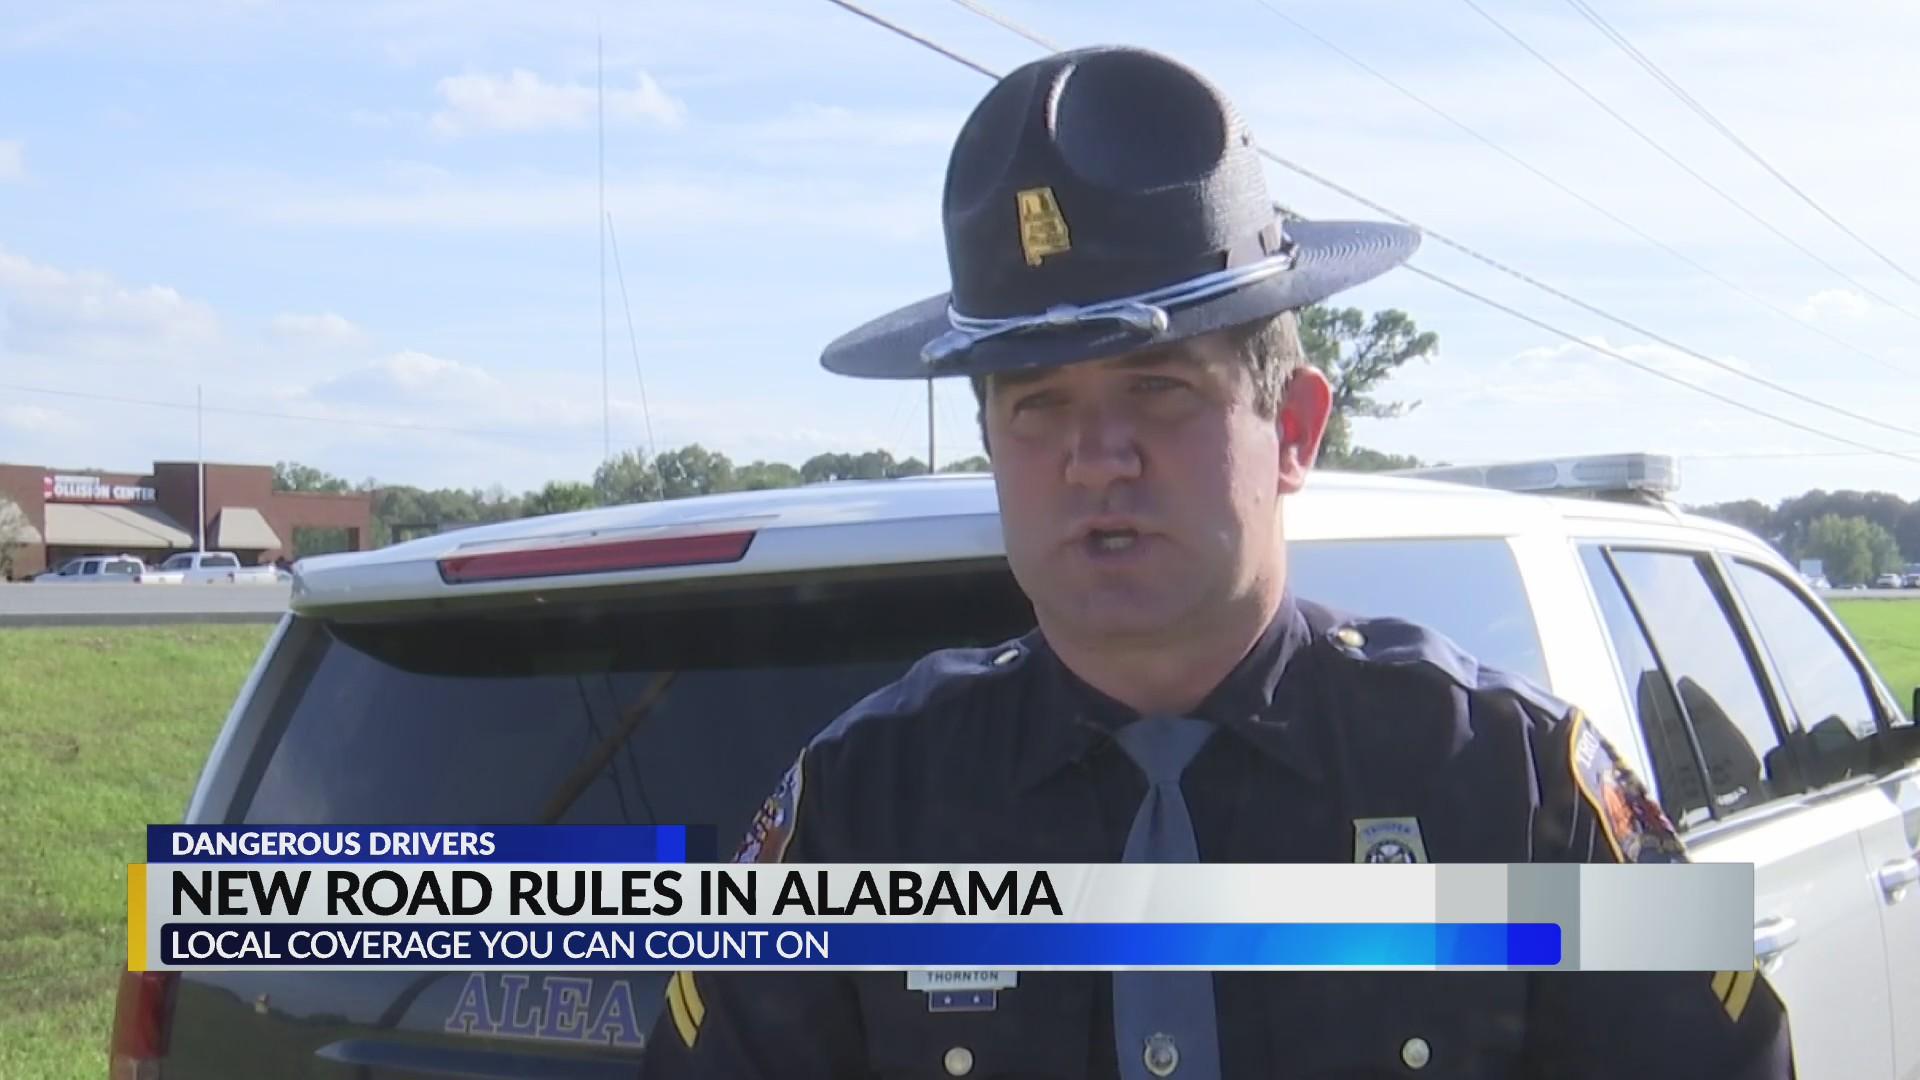 Las nuevas leyes de conducción, mantienen a los habitantes de Alabama seguros y honran a aquellos que perdieron la vida por conducir peligrosamente